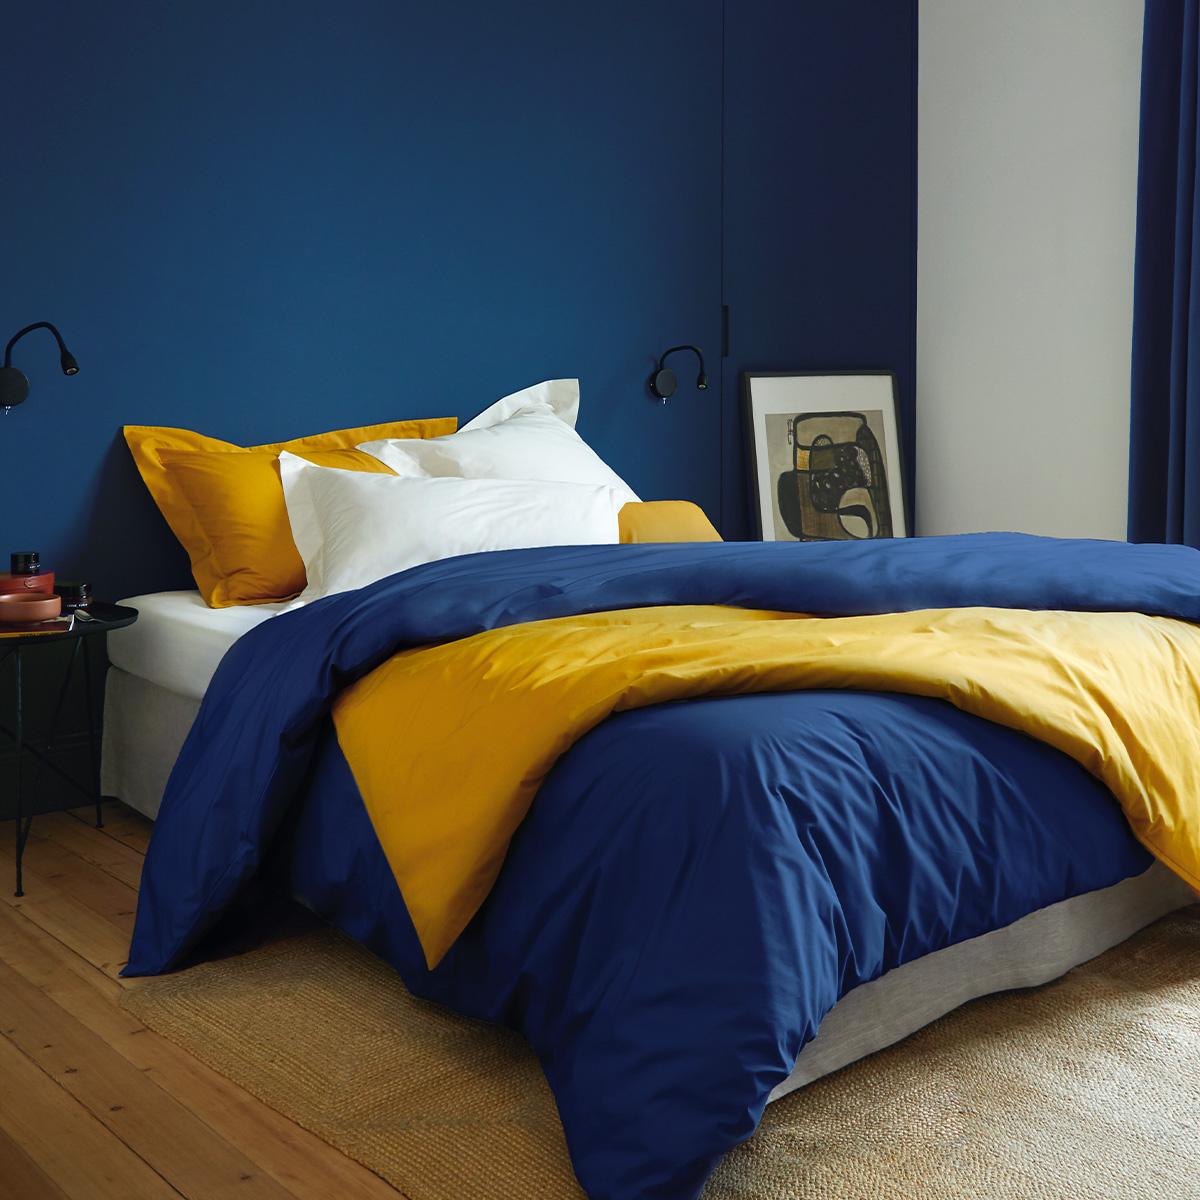 Housse de couette percale Bleu 140 x 200 cm